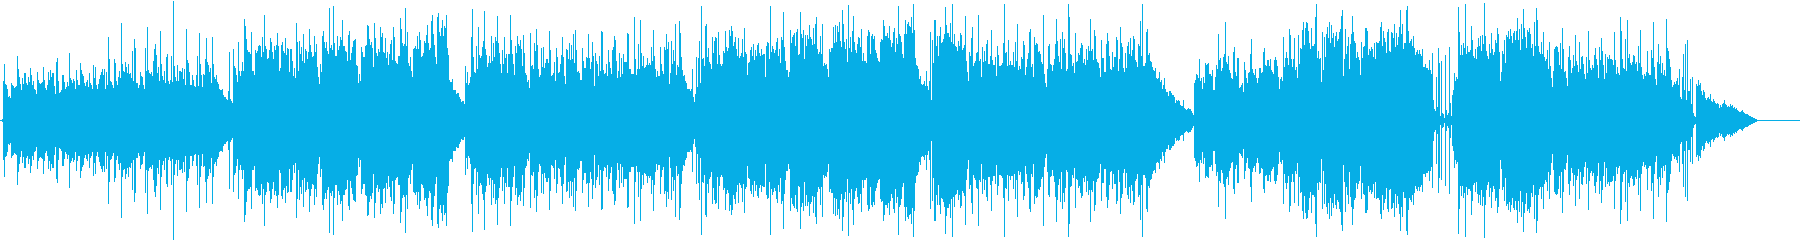 アコギと笛のゆったりとしたケルト風の曲の再生済みの波形